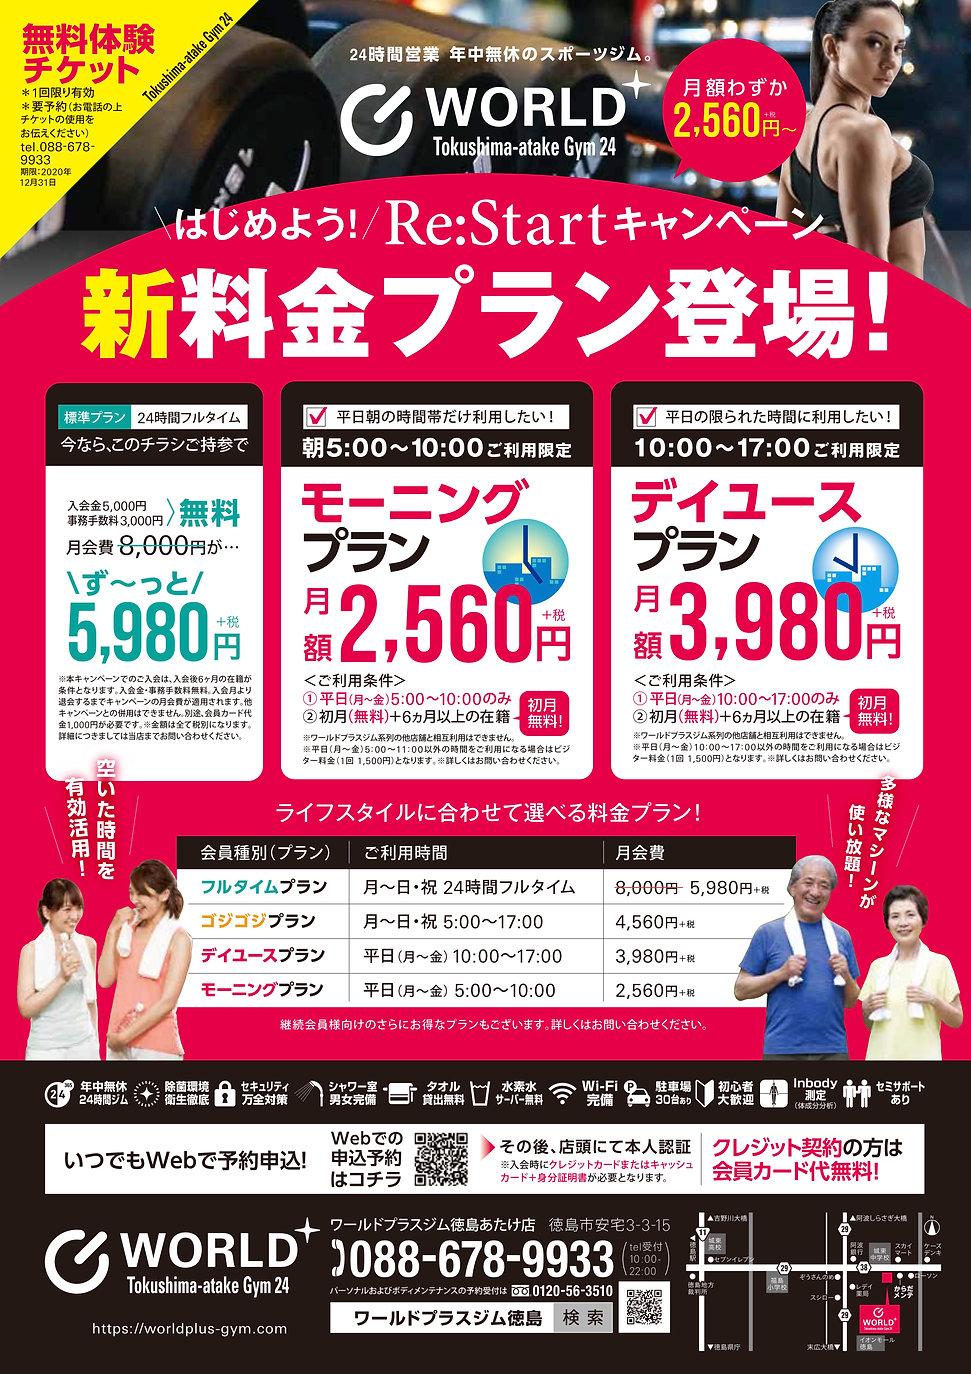 ワールドプラスジム徳島あたけ店_新料金プランチラシ.jpg